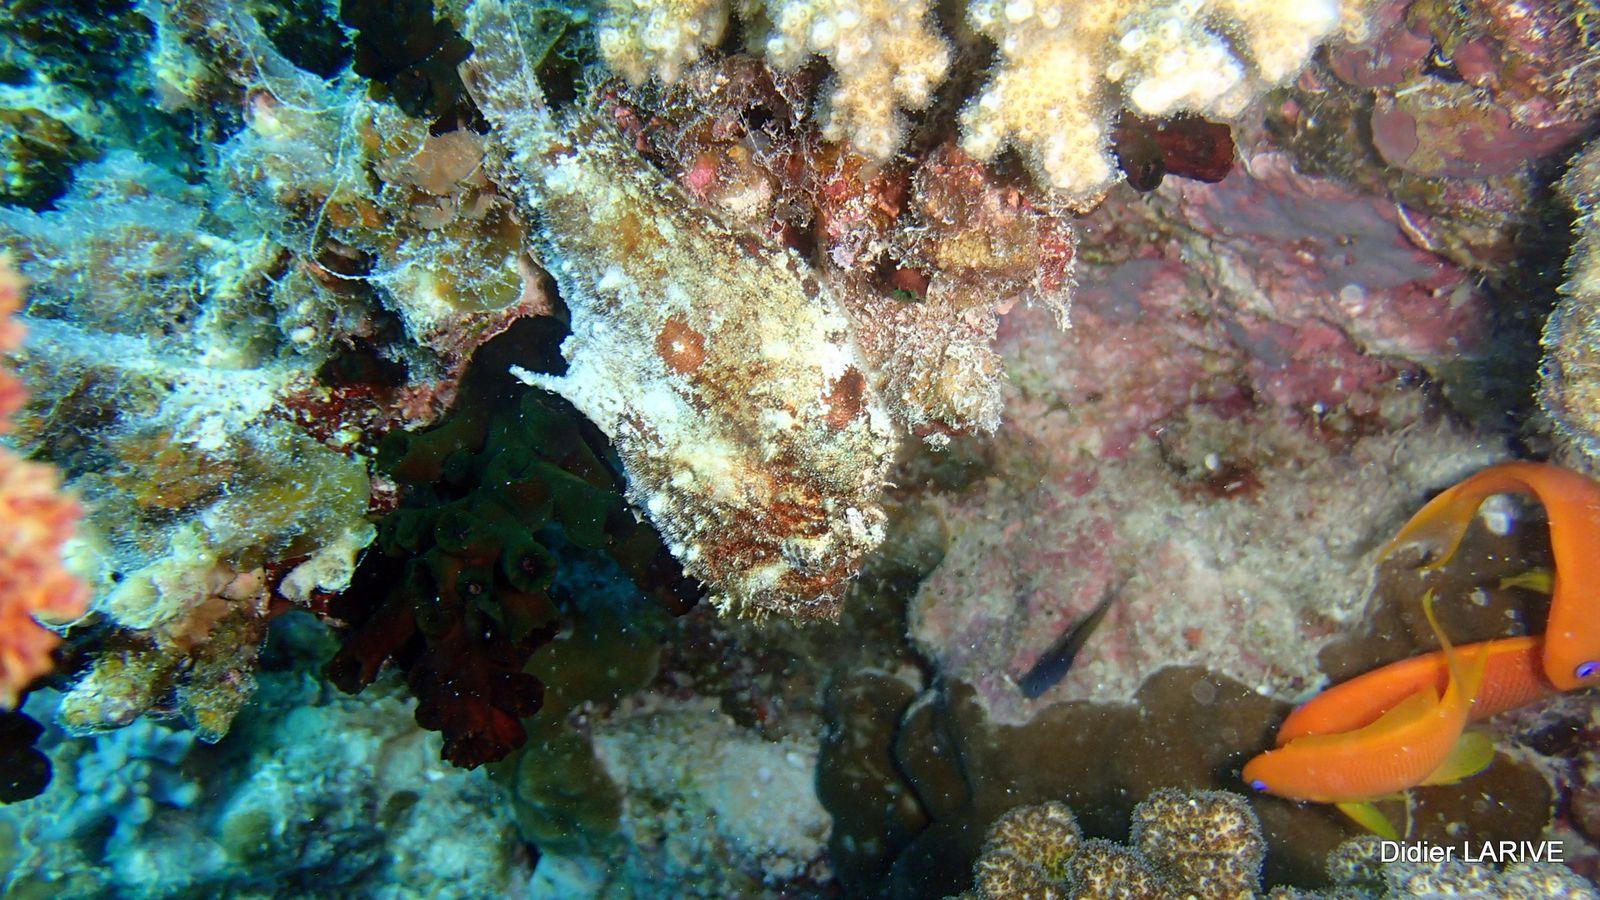 Le reconnaitrez-vous avec ses 2 yeux orange ? Le poisson pierre, un des plus dangereux à cause de son épine dorsale pourvue de dards venimeux !!